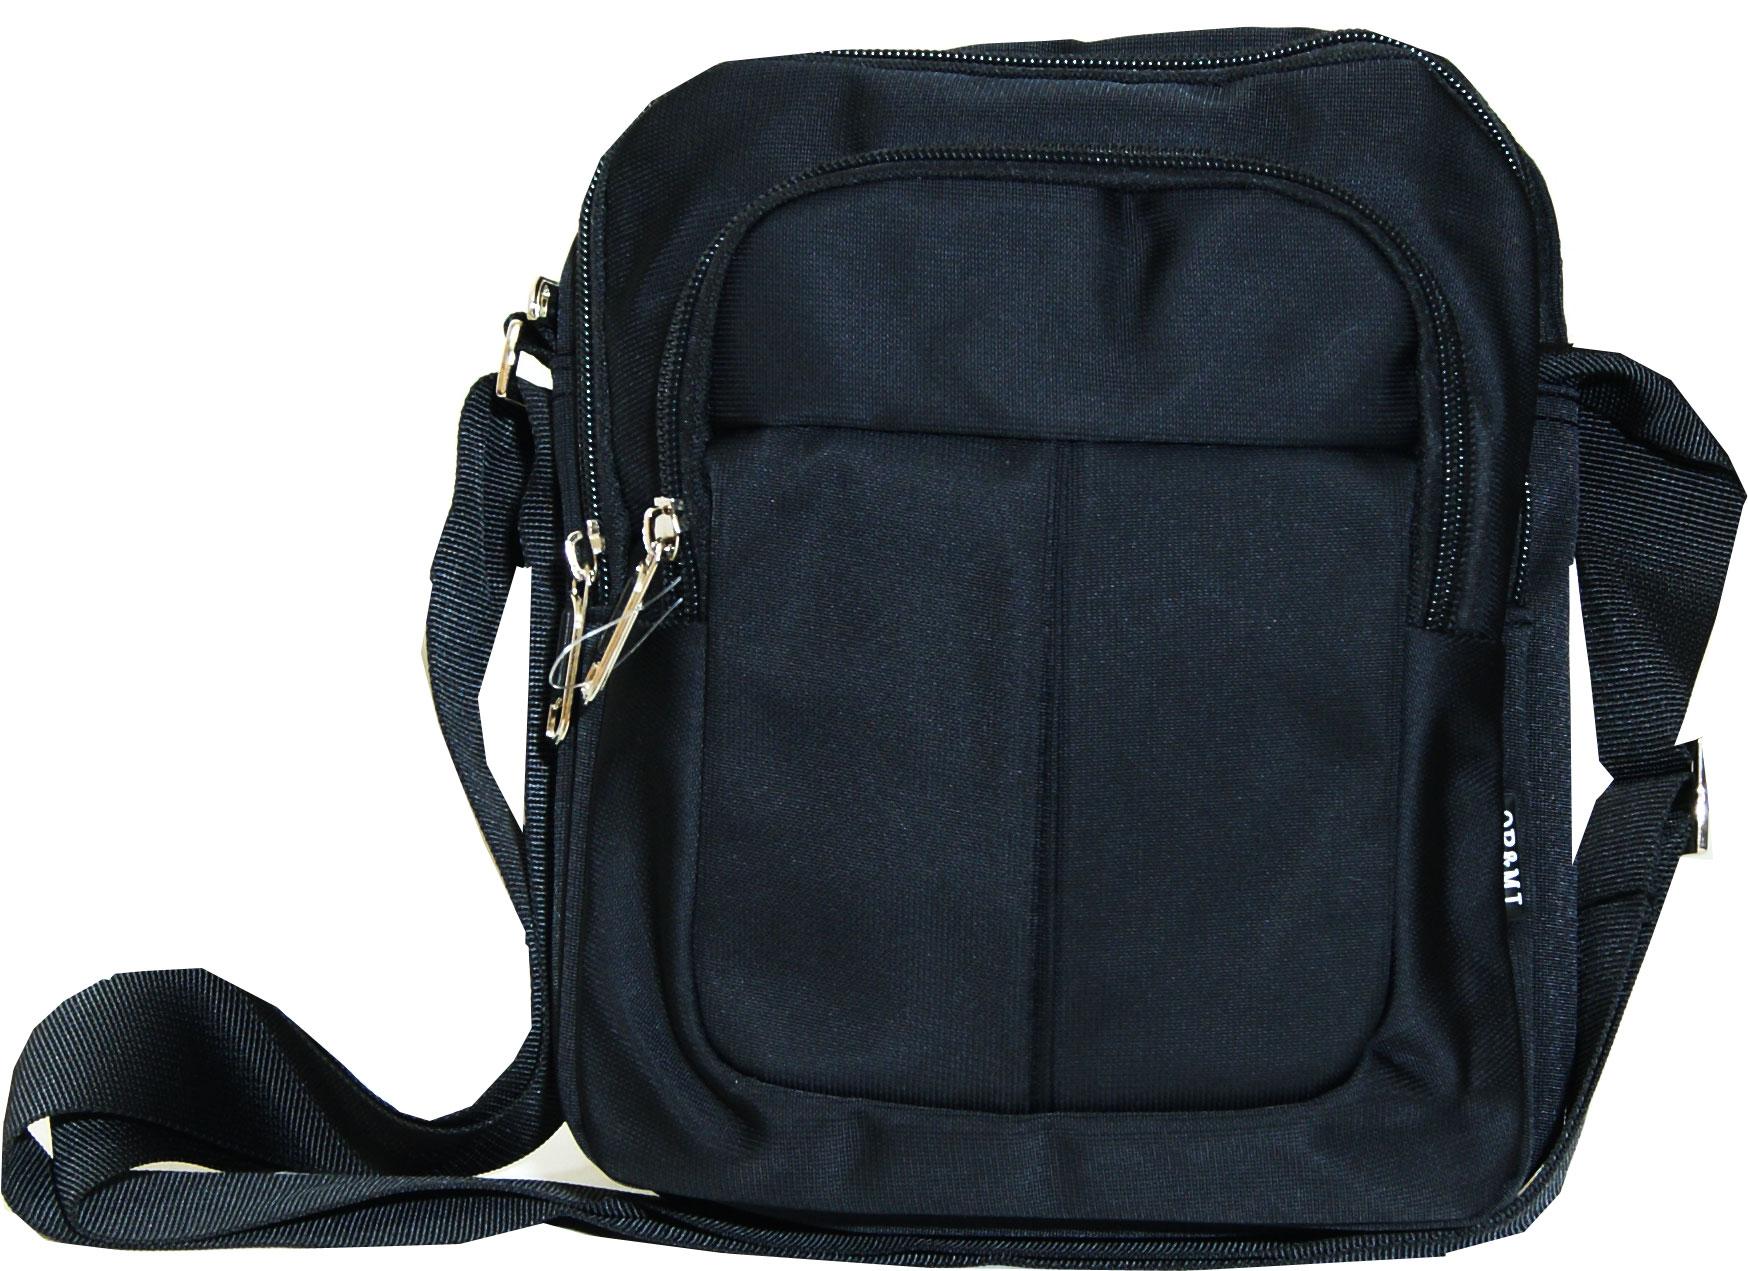 Τσάντα ανδρική ώμου Νο 1513 - Μαύρη (OR and MI)